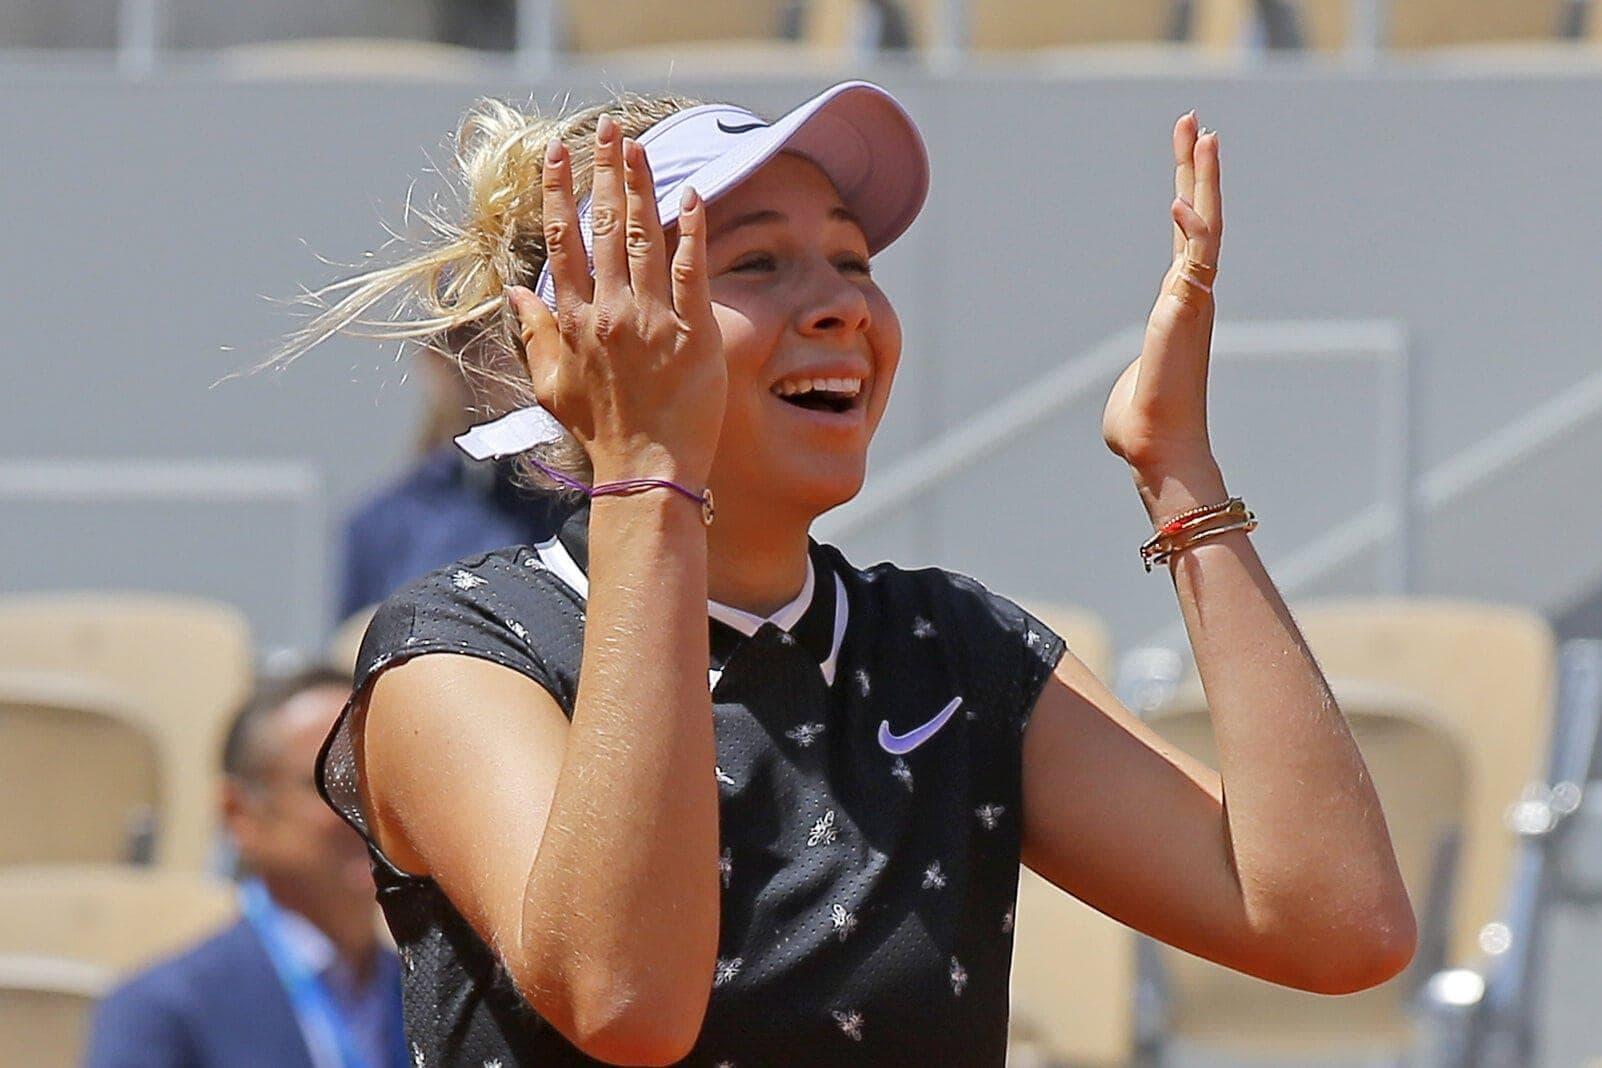 Ihr erstes Turnier spielte sie im September 2014